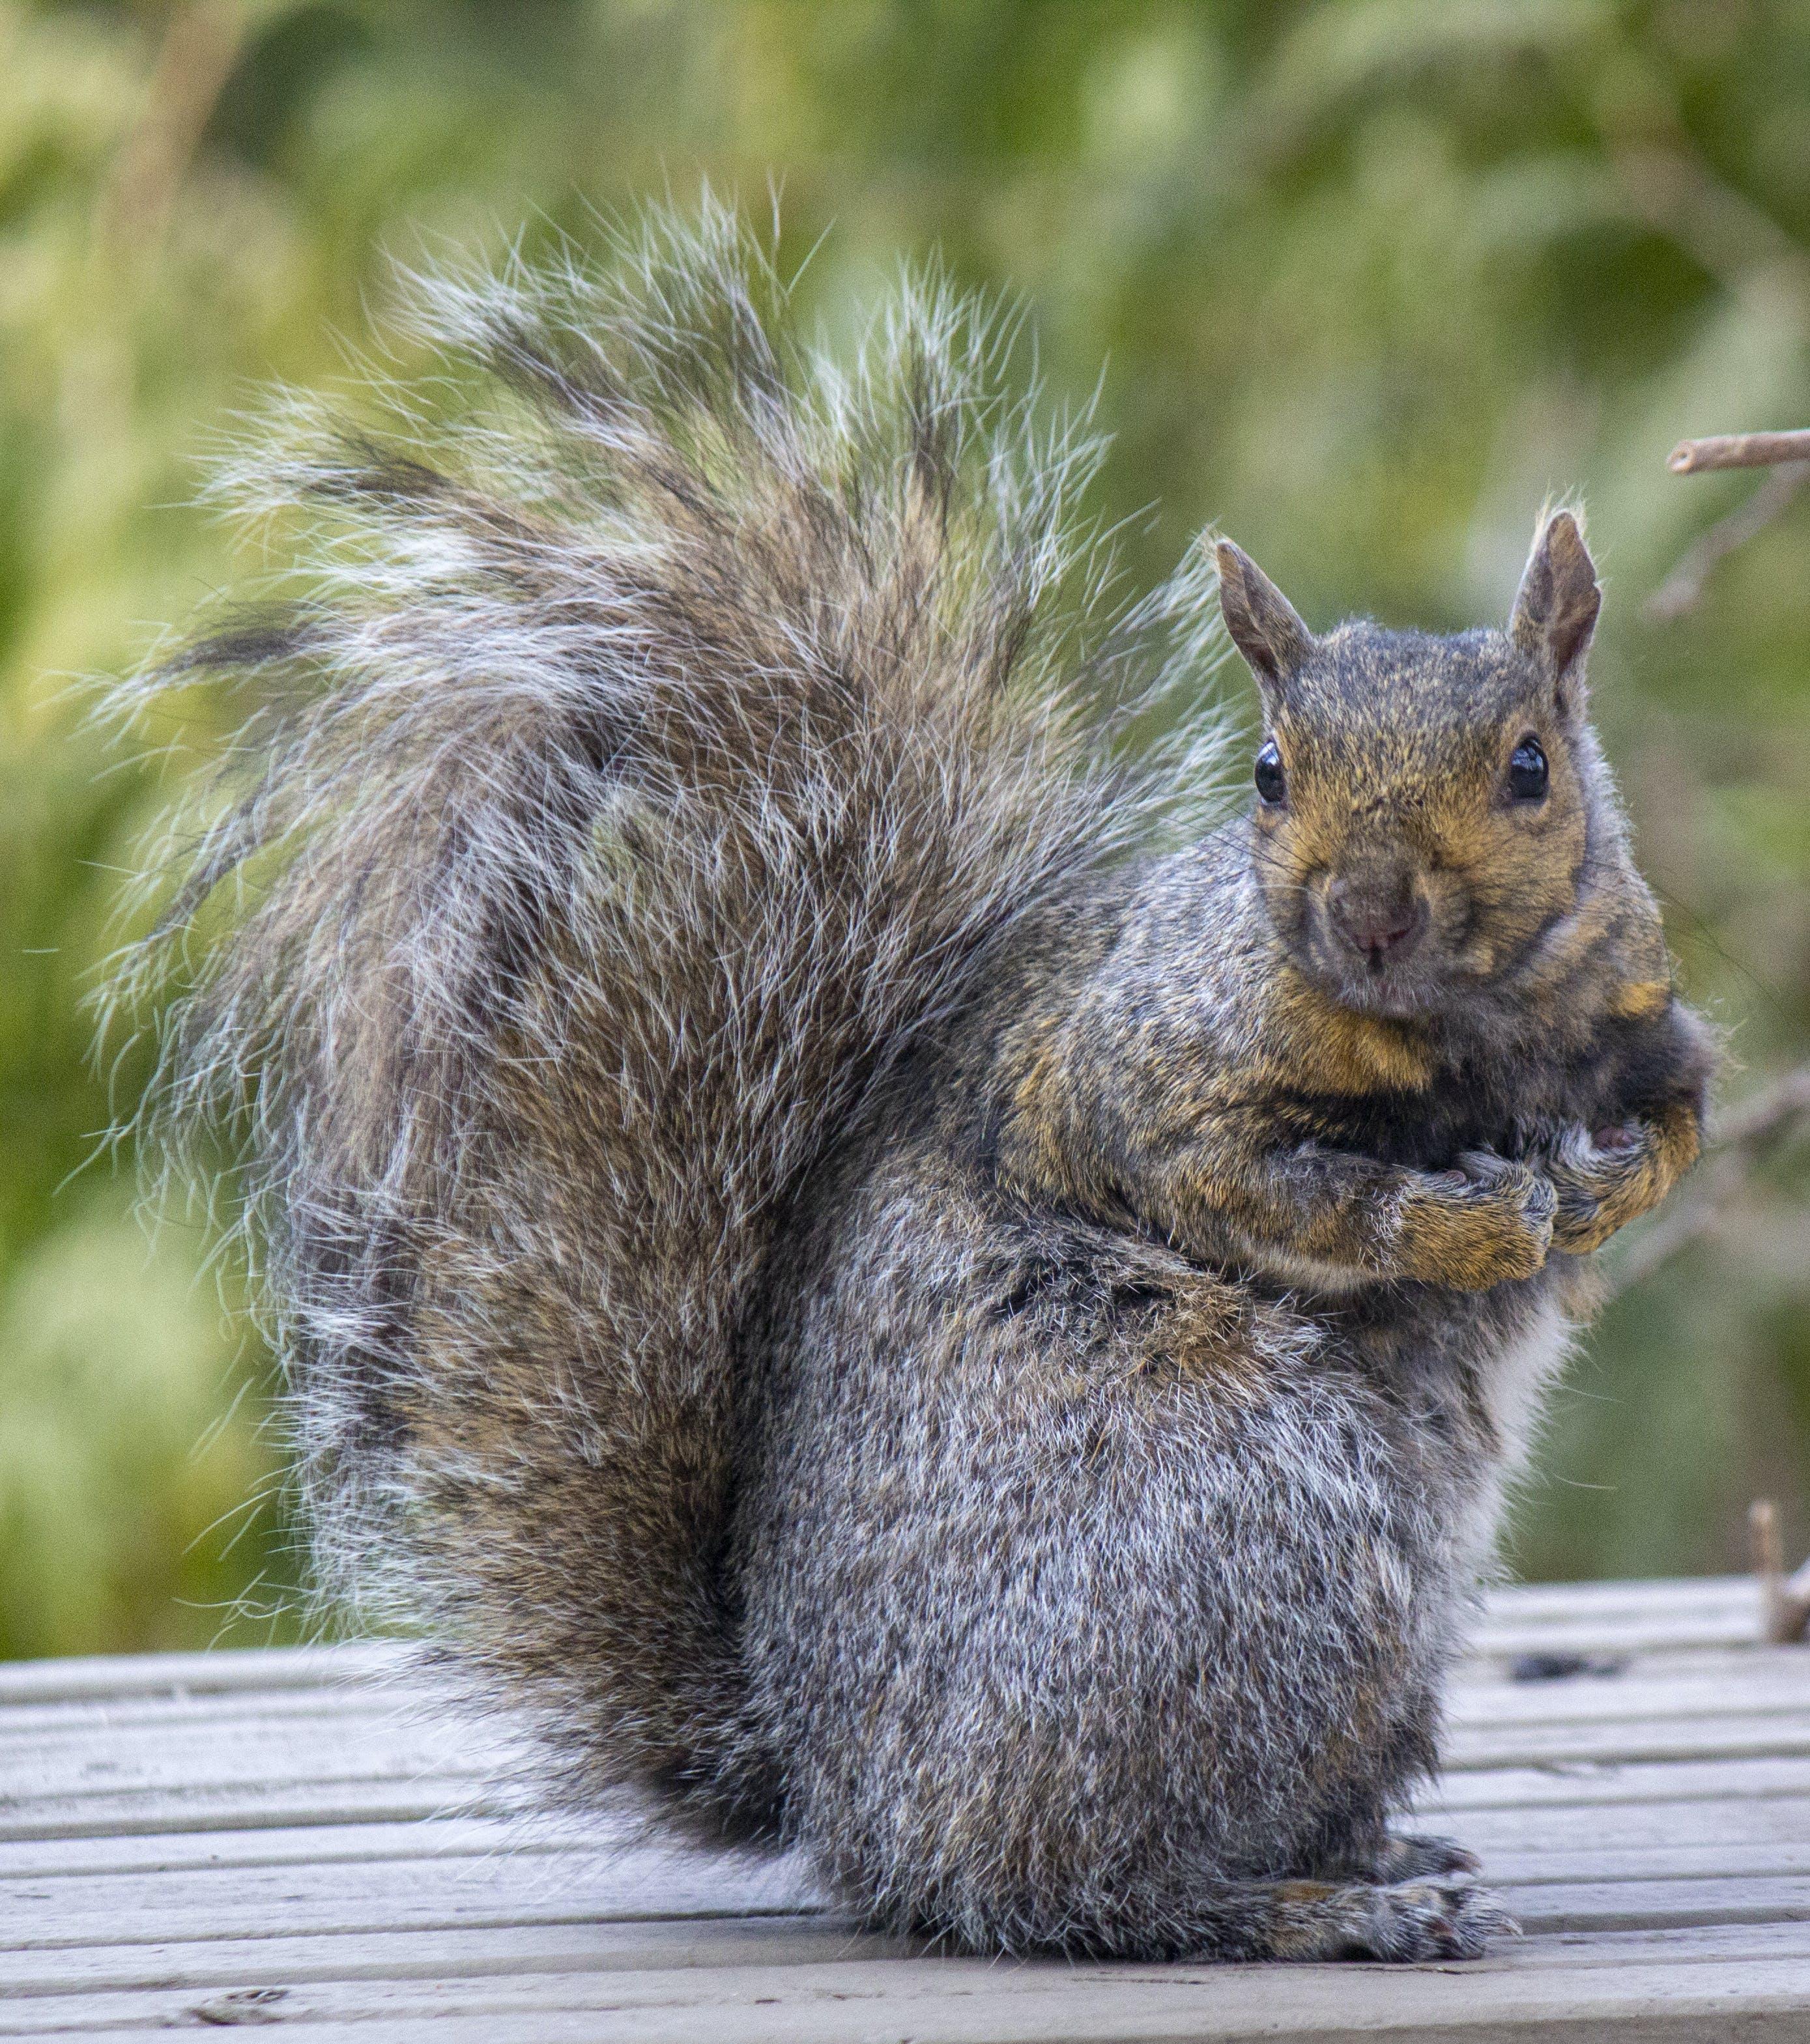 Kostenloses Stock Foto zu buschiger schwanz, dich anschauen, eichhörnchen, rotes eichhörnchen